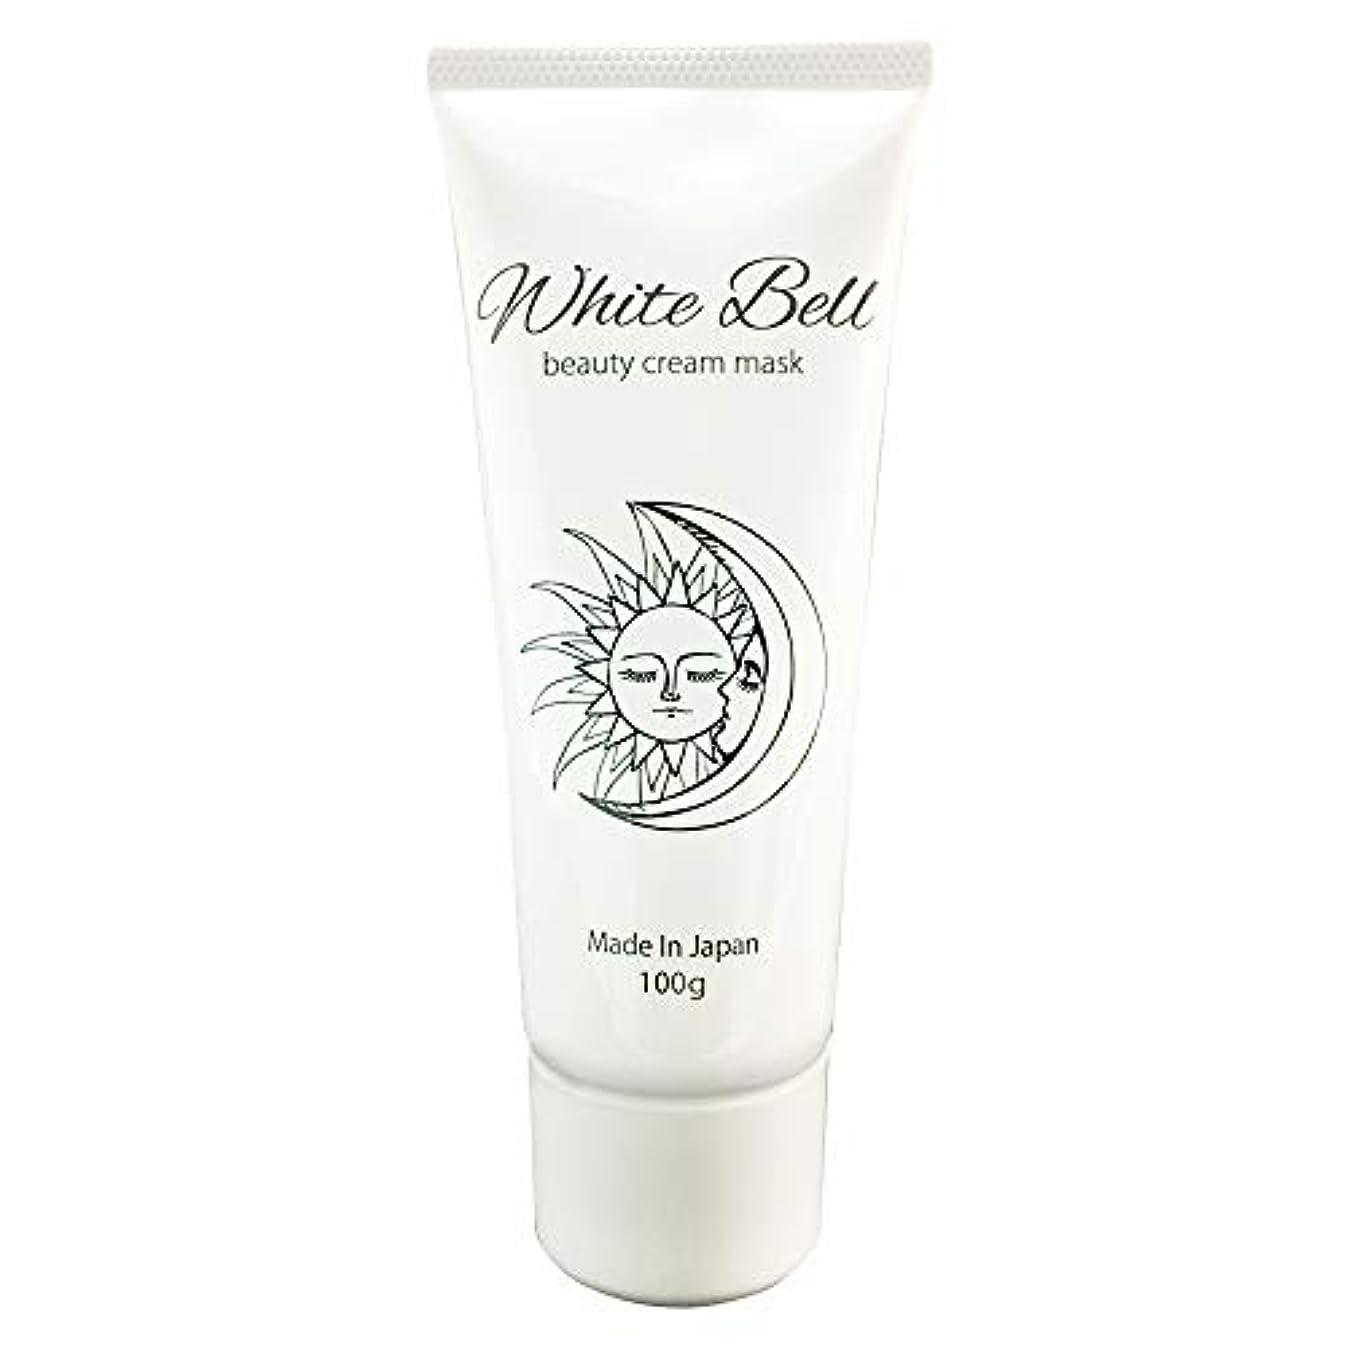 ピニオン分布鉛ホワイトベル ビューティークリームマスク White-Bell beauty cream mask ナイトクリーム オールインワン